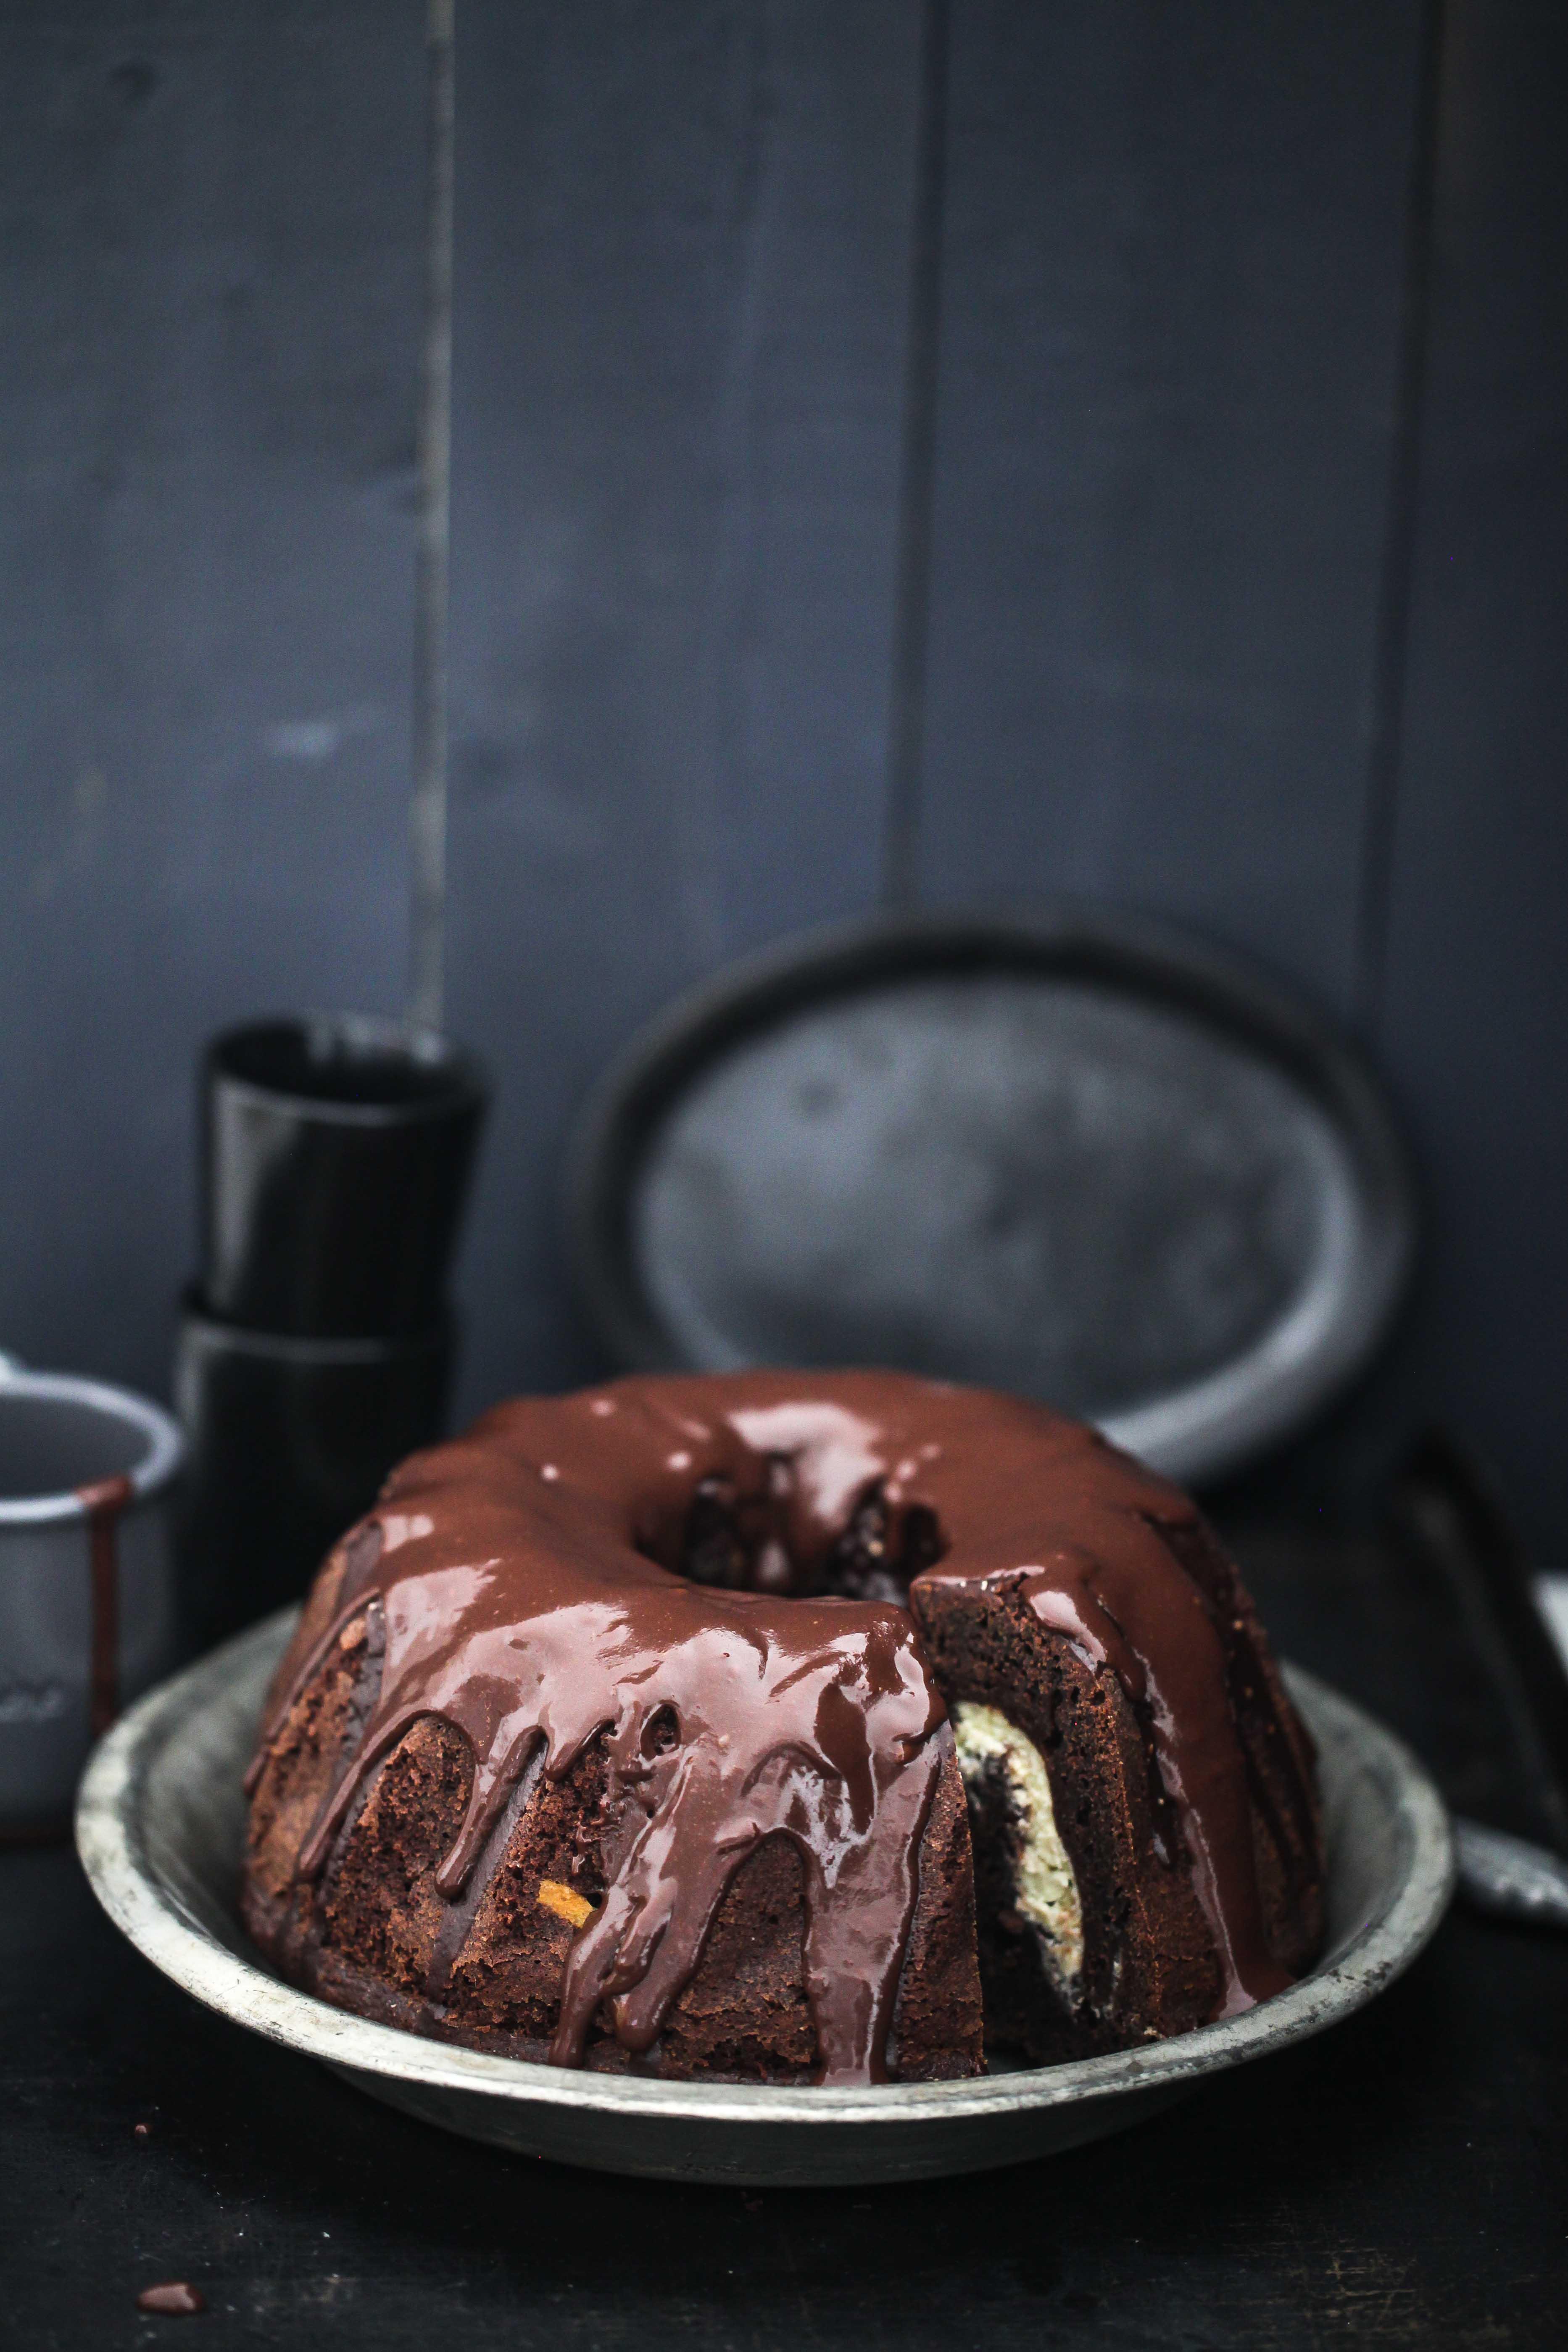 Rezept für Schokoladengugelhupf mit Cheesecakefüllung Kakaokuchen Schokoladenkuchen Käsekuchen Füllung Backrezept Zuckerzimtundliebe Foodblog Backblog Brownie bundt cake recipe